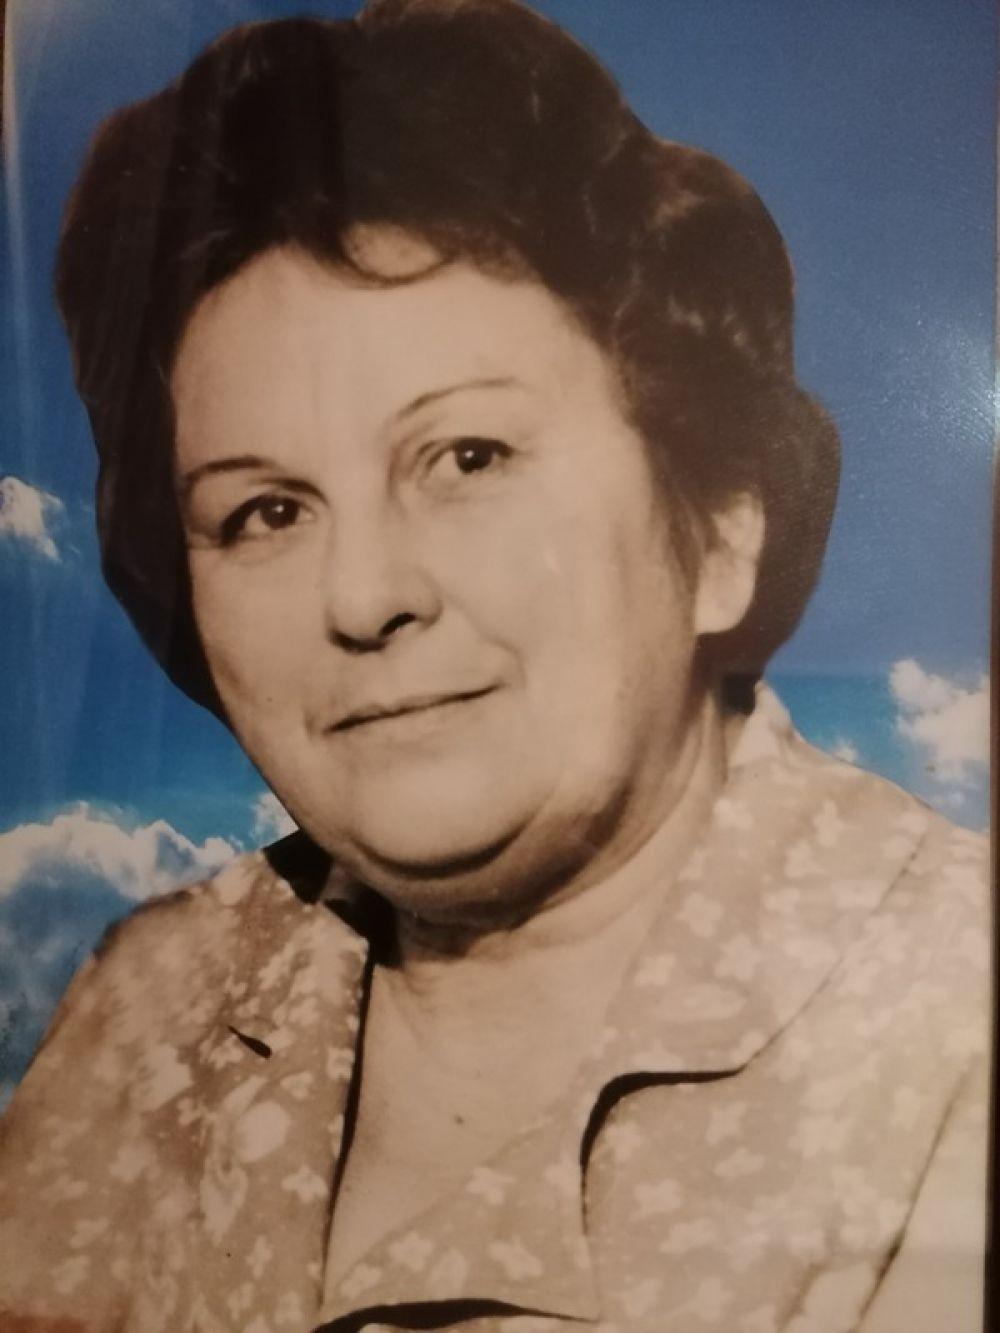 Ольга Лазаренко, генеральный директор «АиФ-Юг»: Моя мама, Лисина Анна Николаевна, 1931-2015. В 1941 году ей было 10 лет. Пережила немецкую оккупацию, в 1943 году, после освобождения хутора Тамбовского в Гиагинском районе Краснодарского края (сейчас Республика Адыгея), работала в колхозе. Указом Президиума Верховного Совета СССР от 6 июня 1945 года награждена медалью